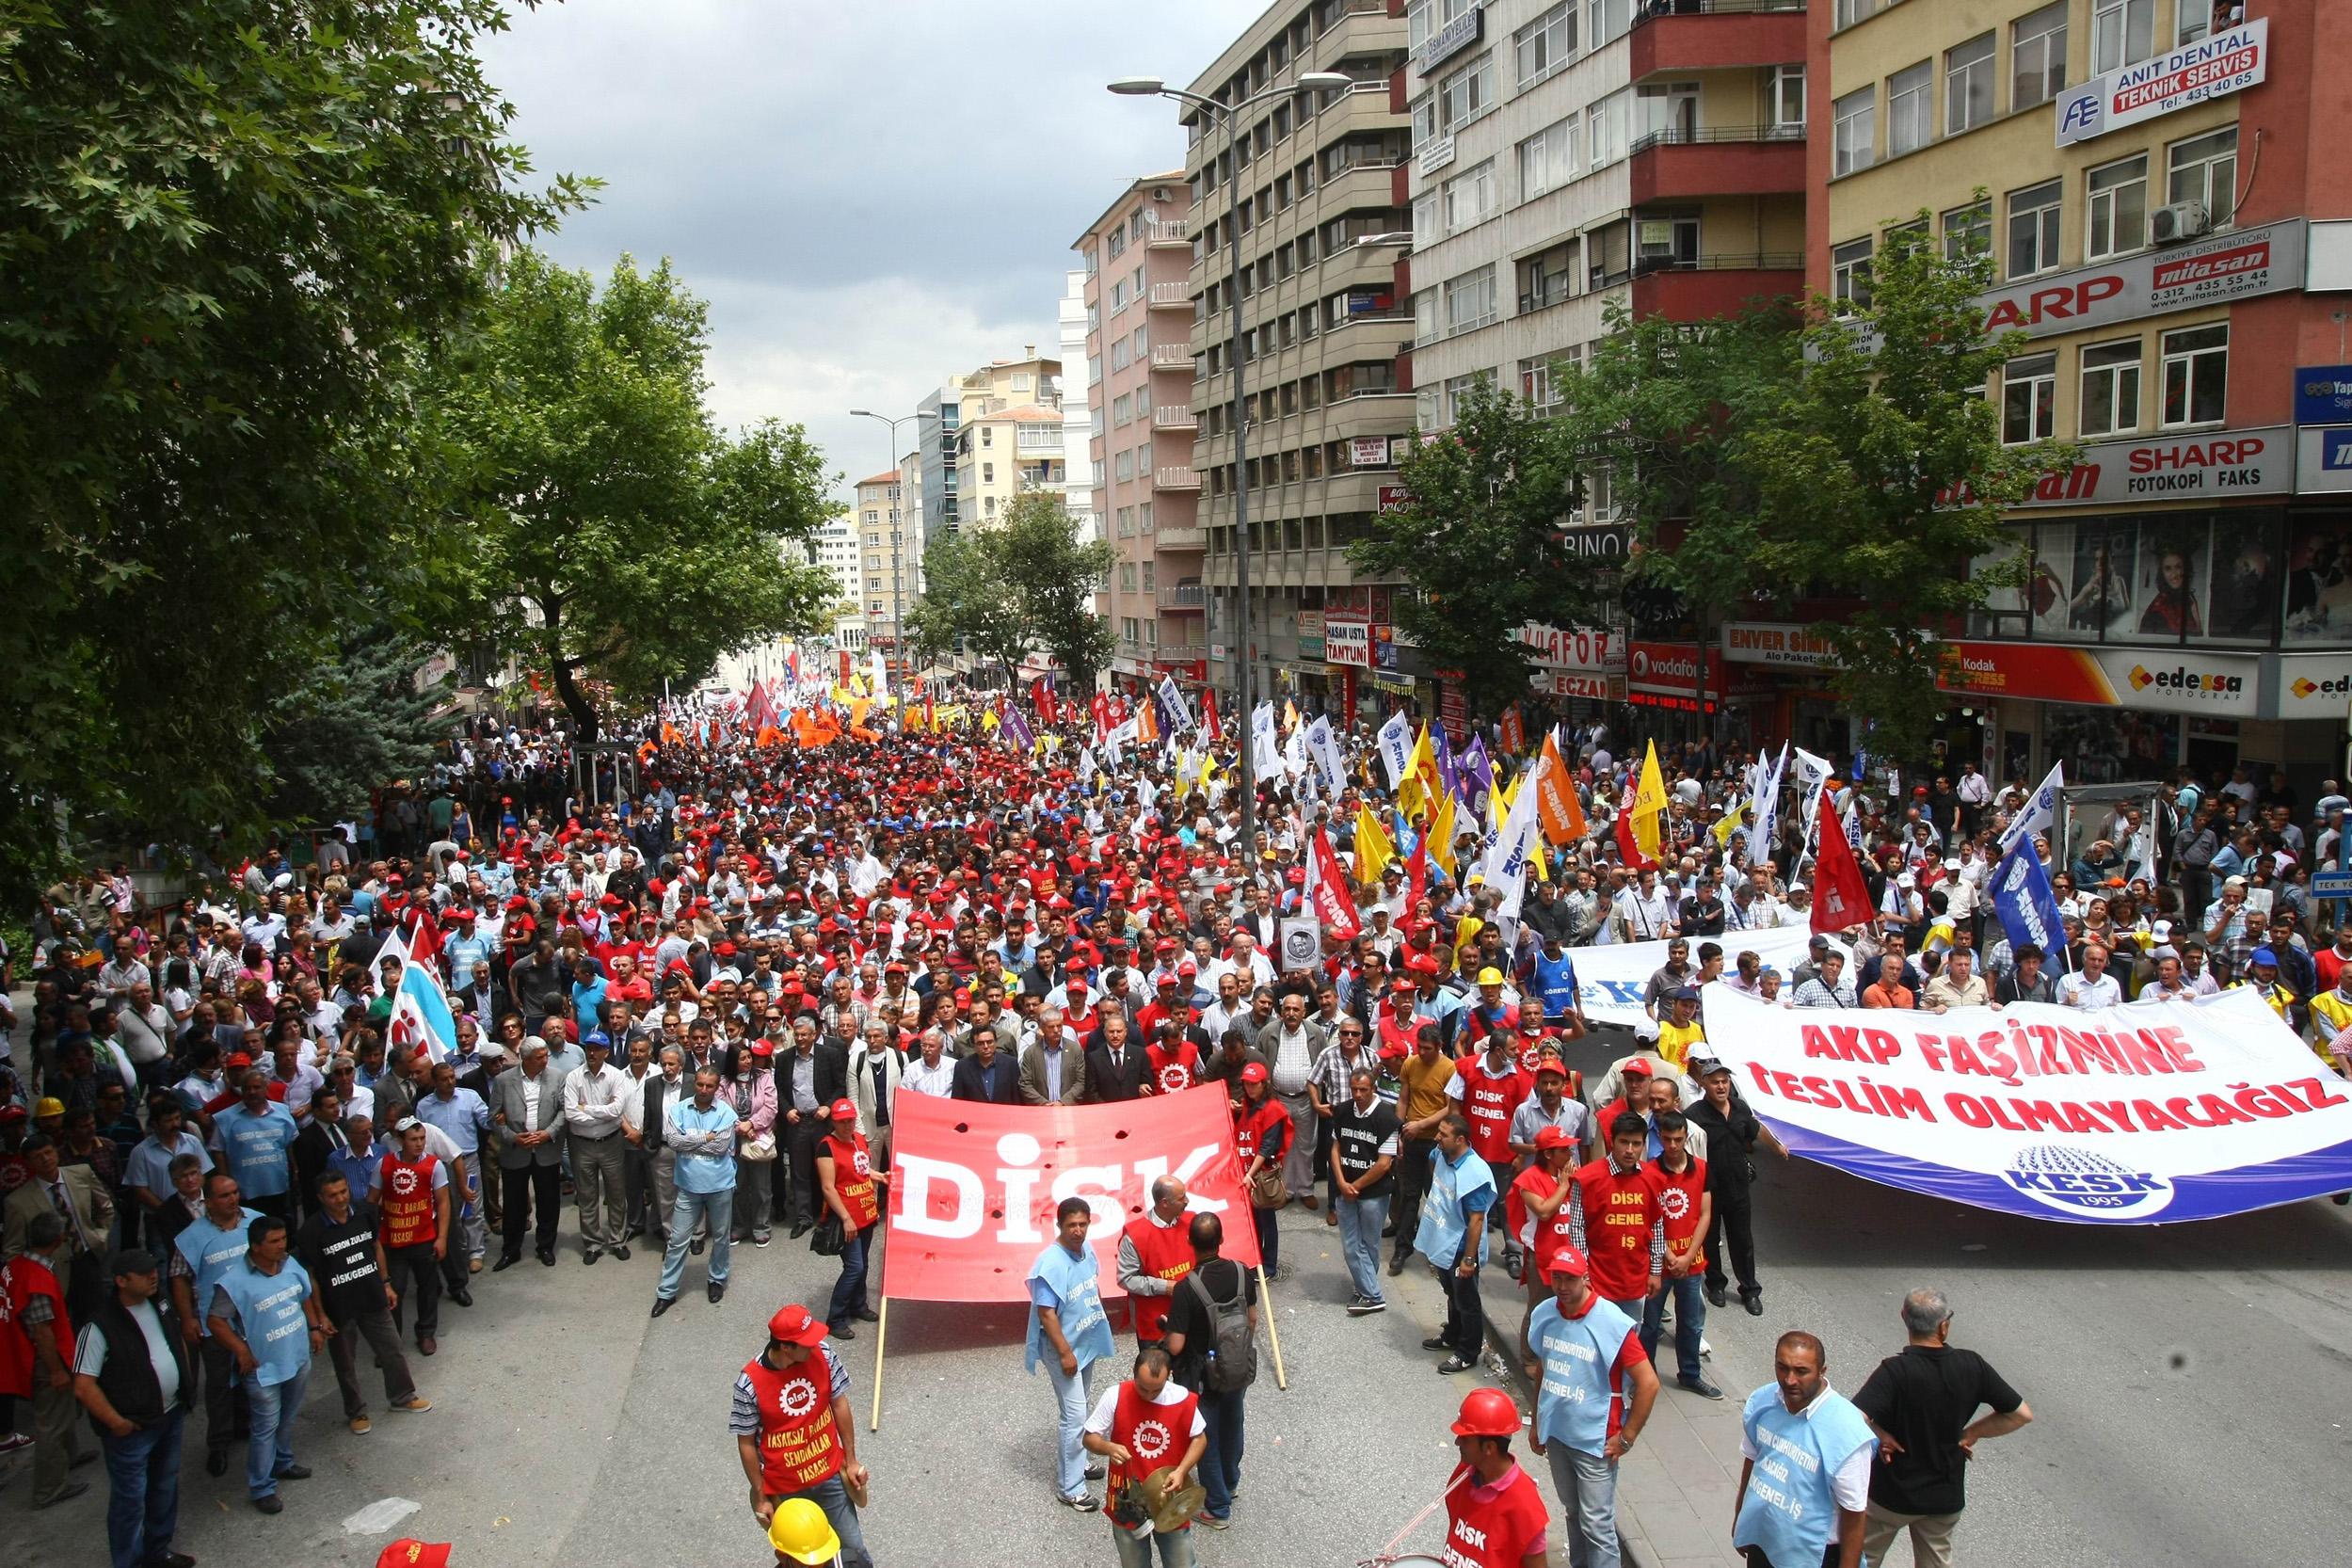 محتجون مناهضون لحكومة أردوغان يتظاهرون وسط أنقرة في 17 يونيو/حزيران 2013